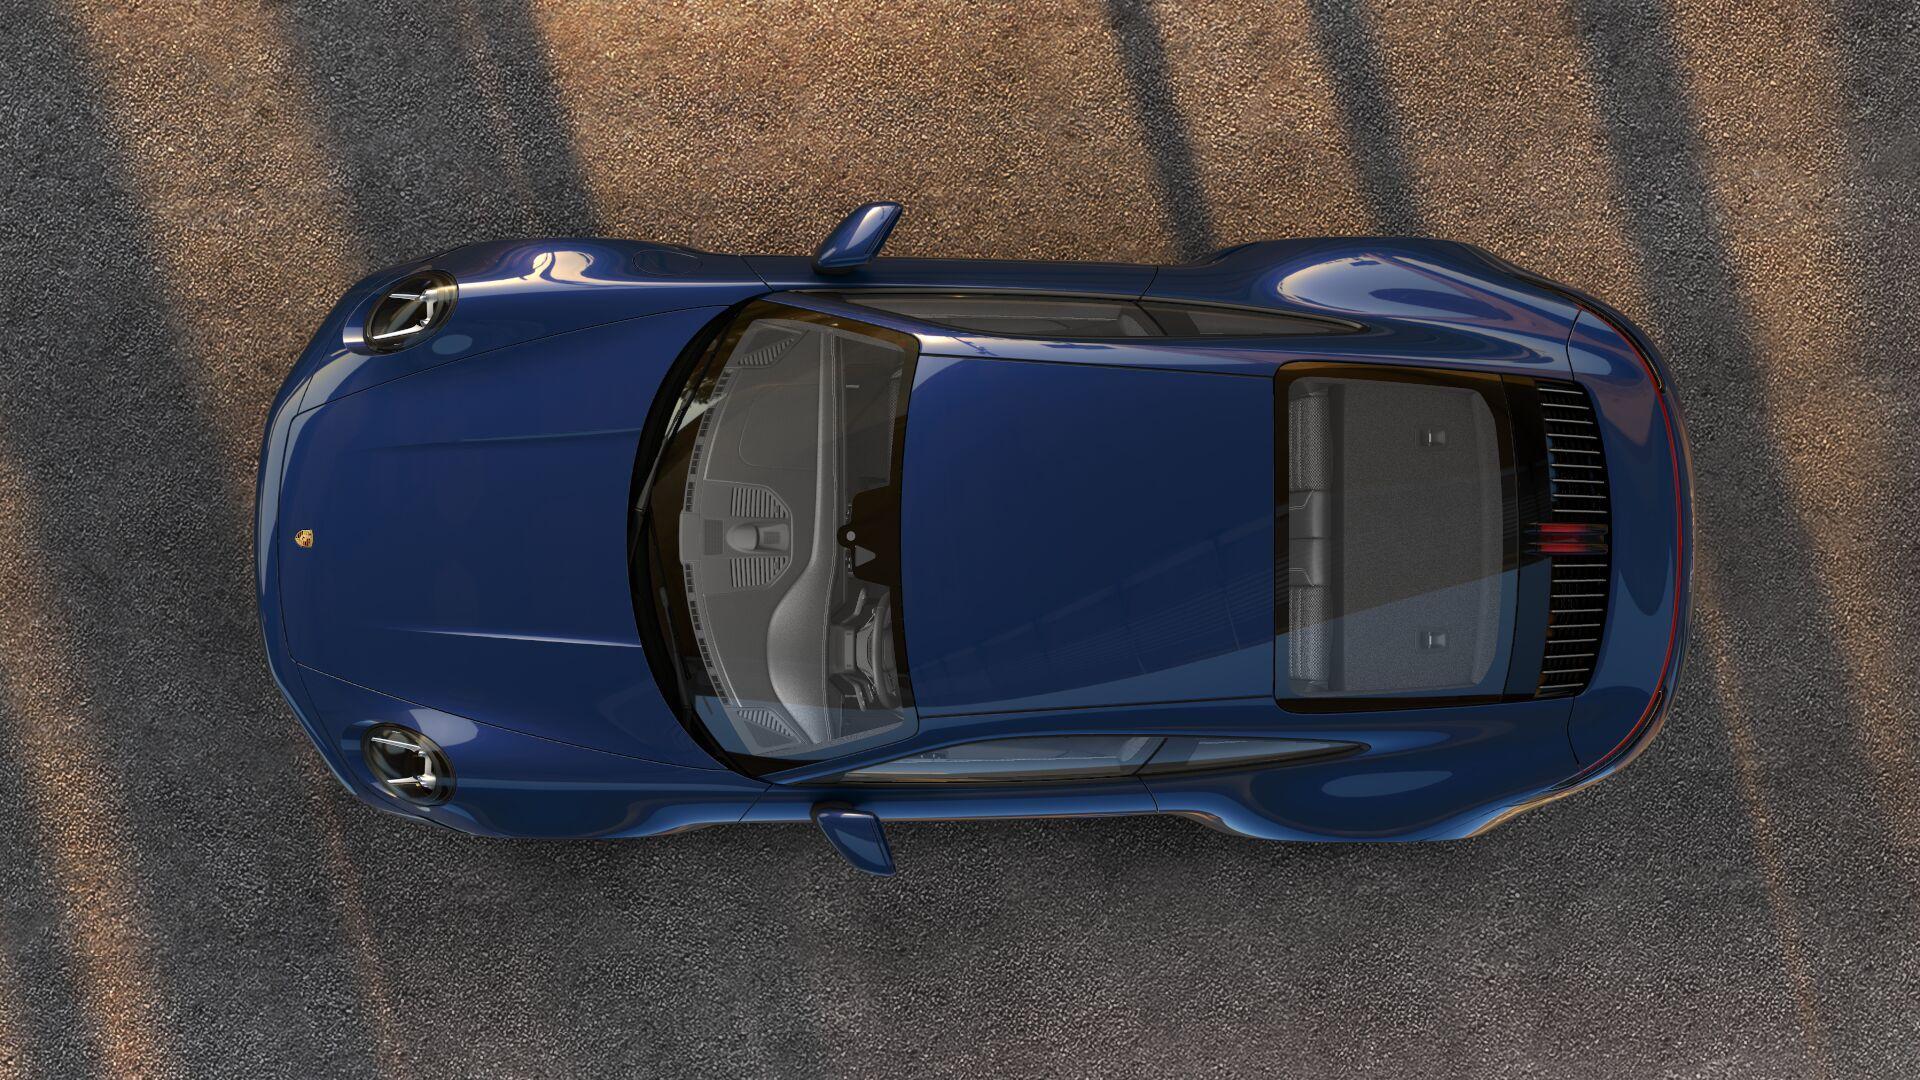 Porsche 911 in Bad Boys for Life configurator